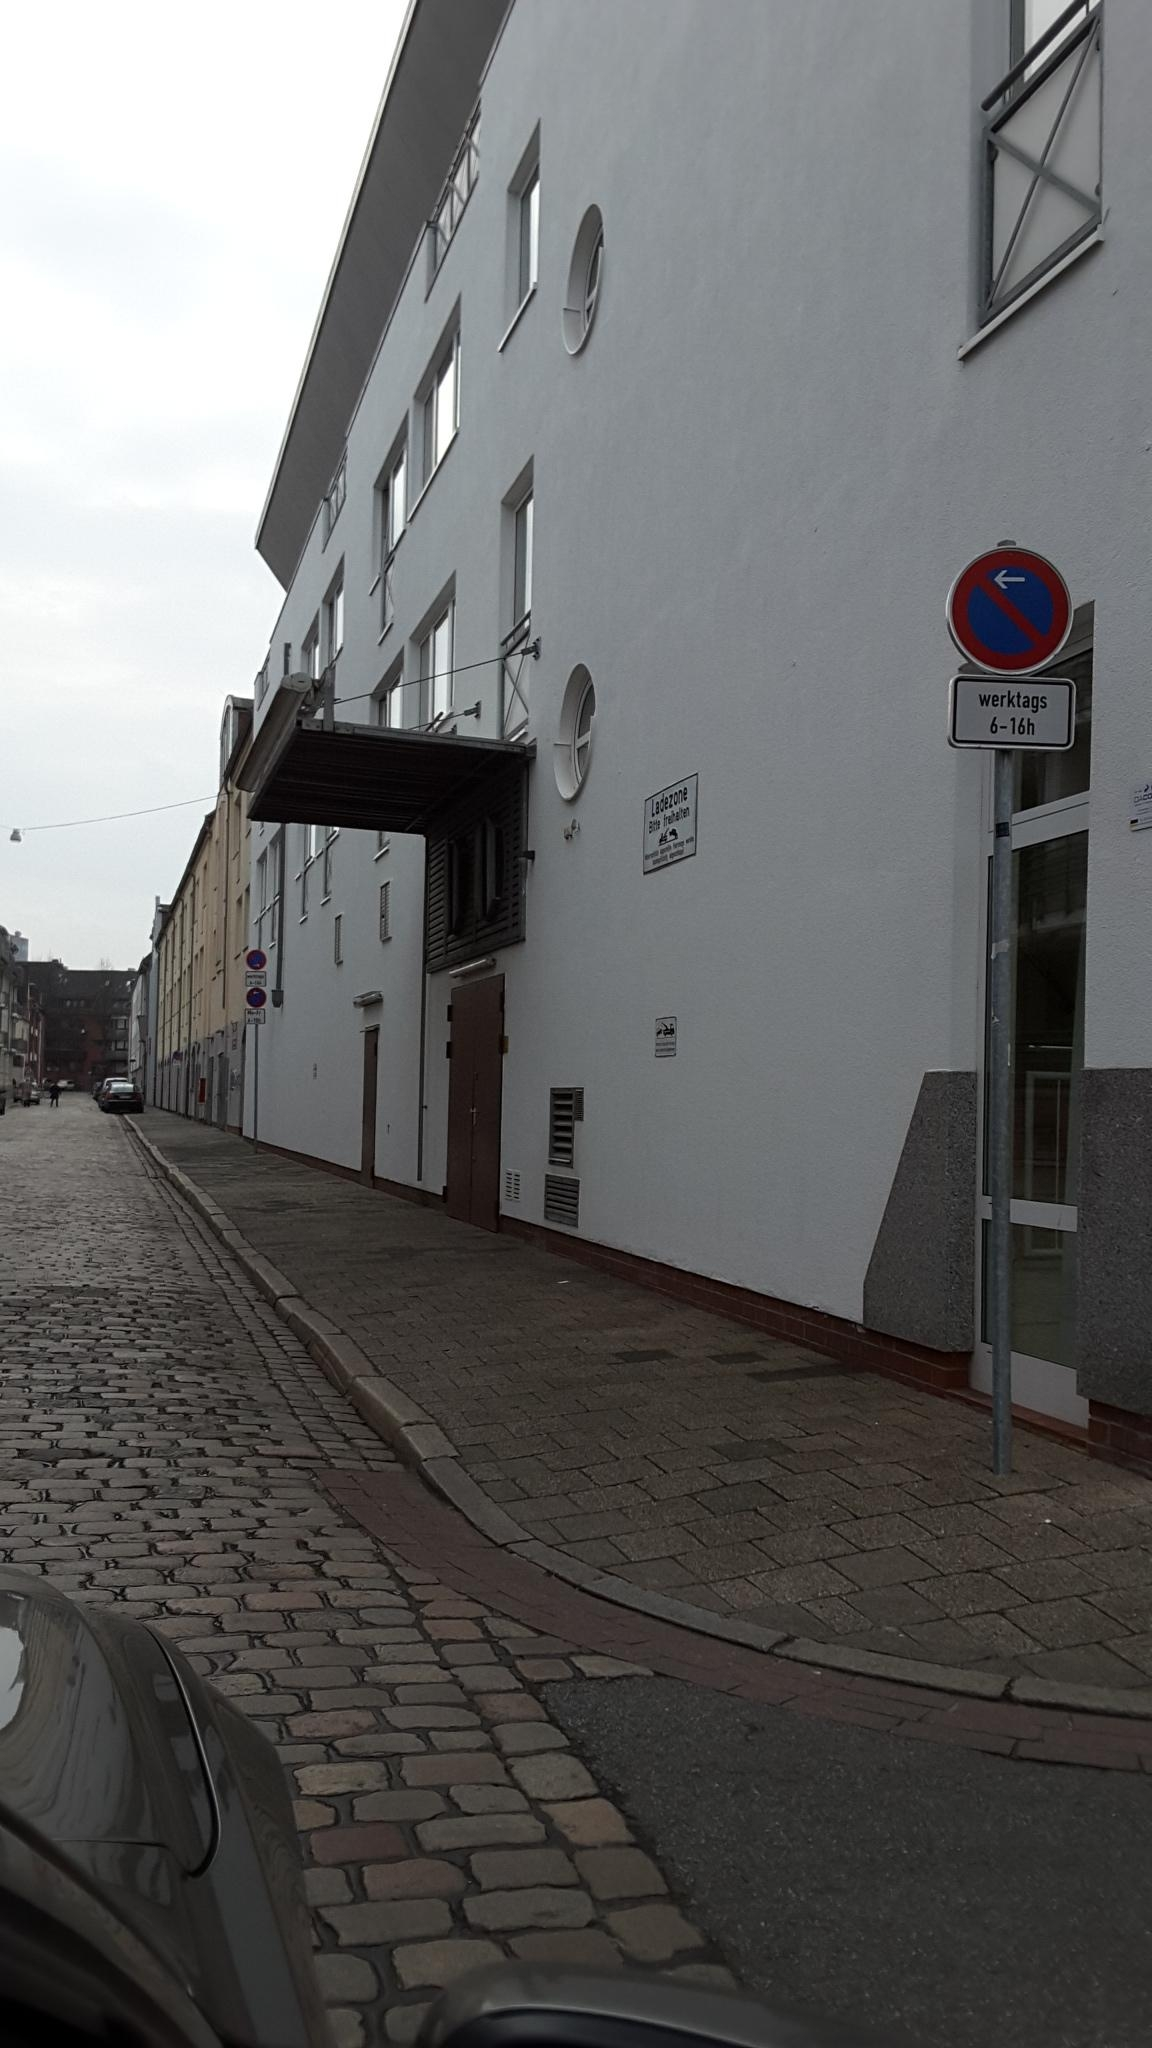 Grünenstraße - Street Parking in Bremen | ParkMe